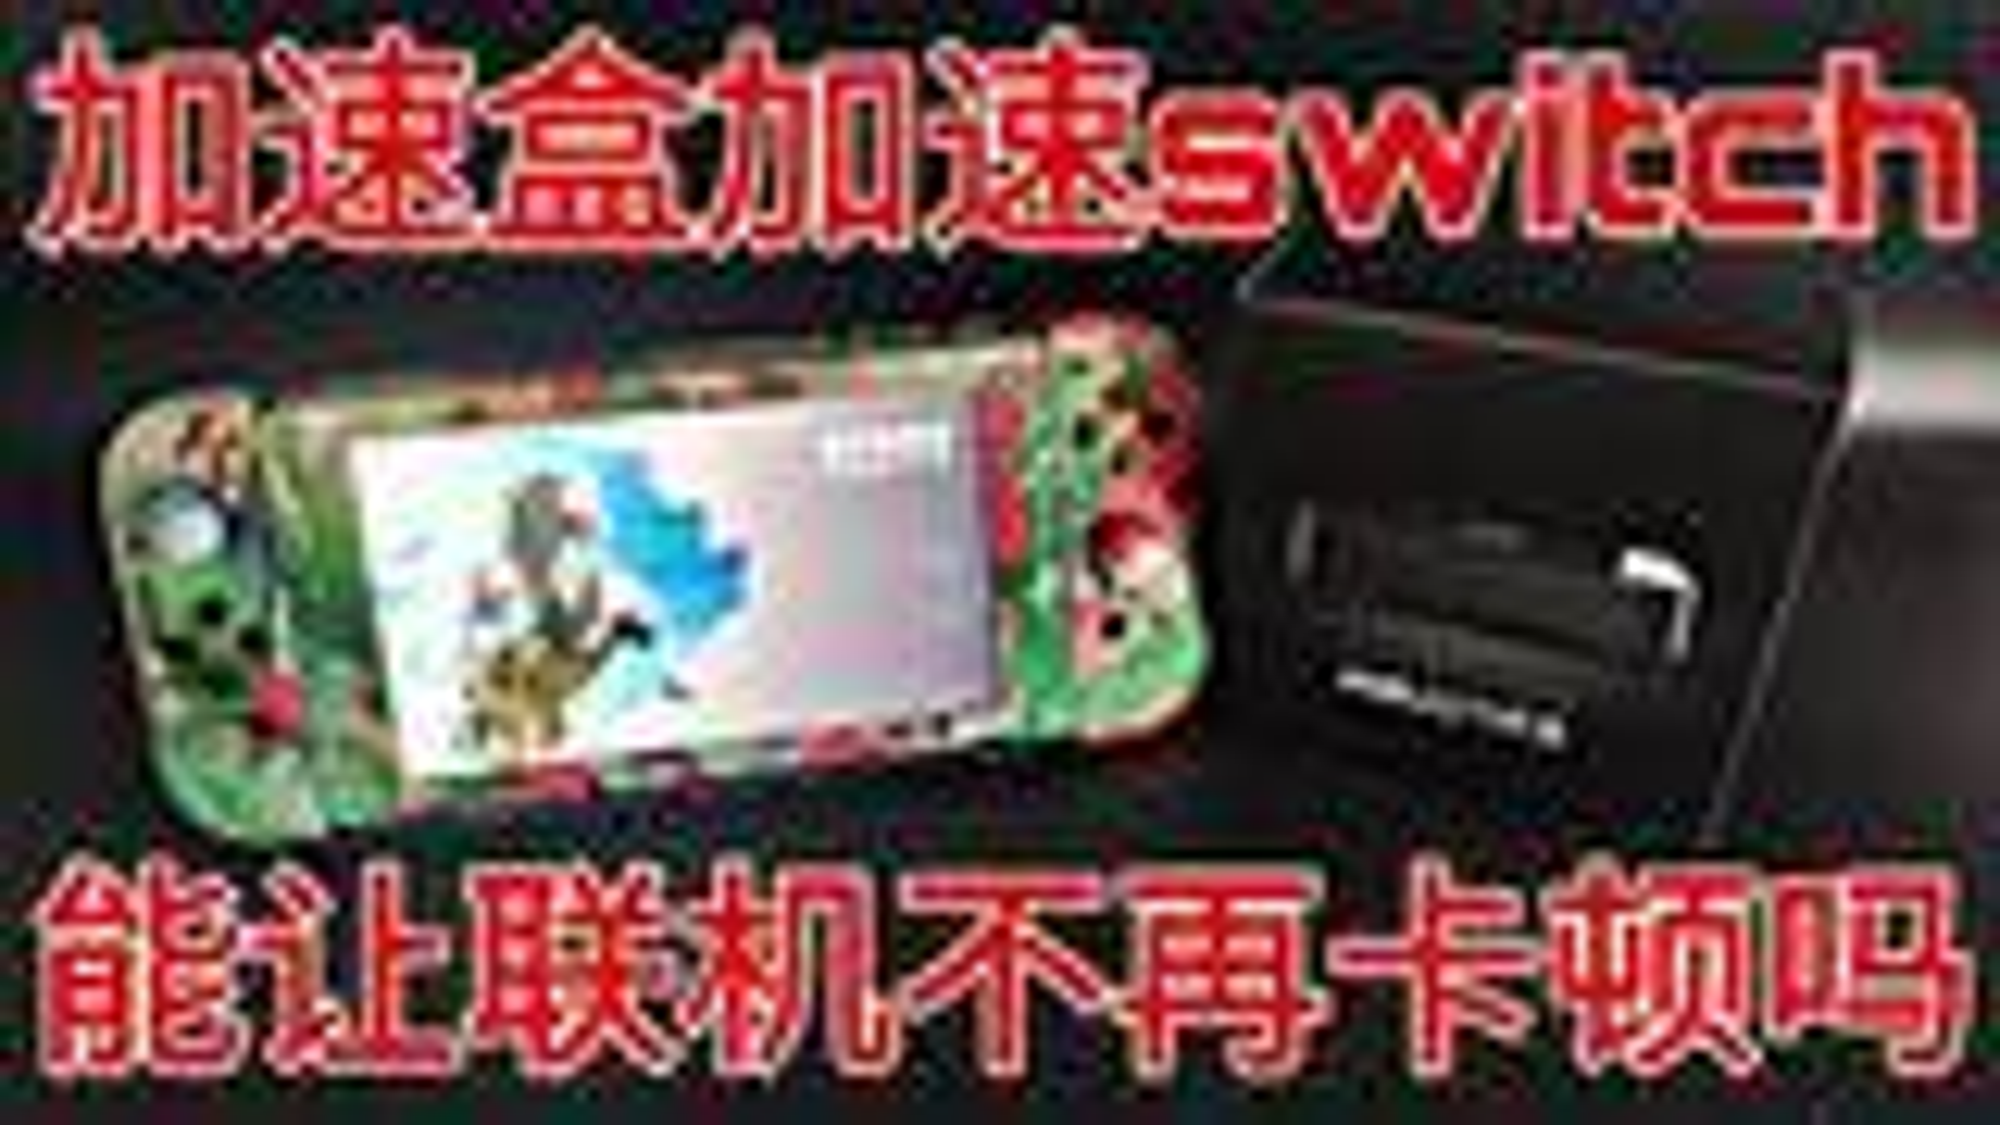 主机加速盒,真的可以让switch联网游戏不再卡顿掉线吗?